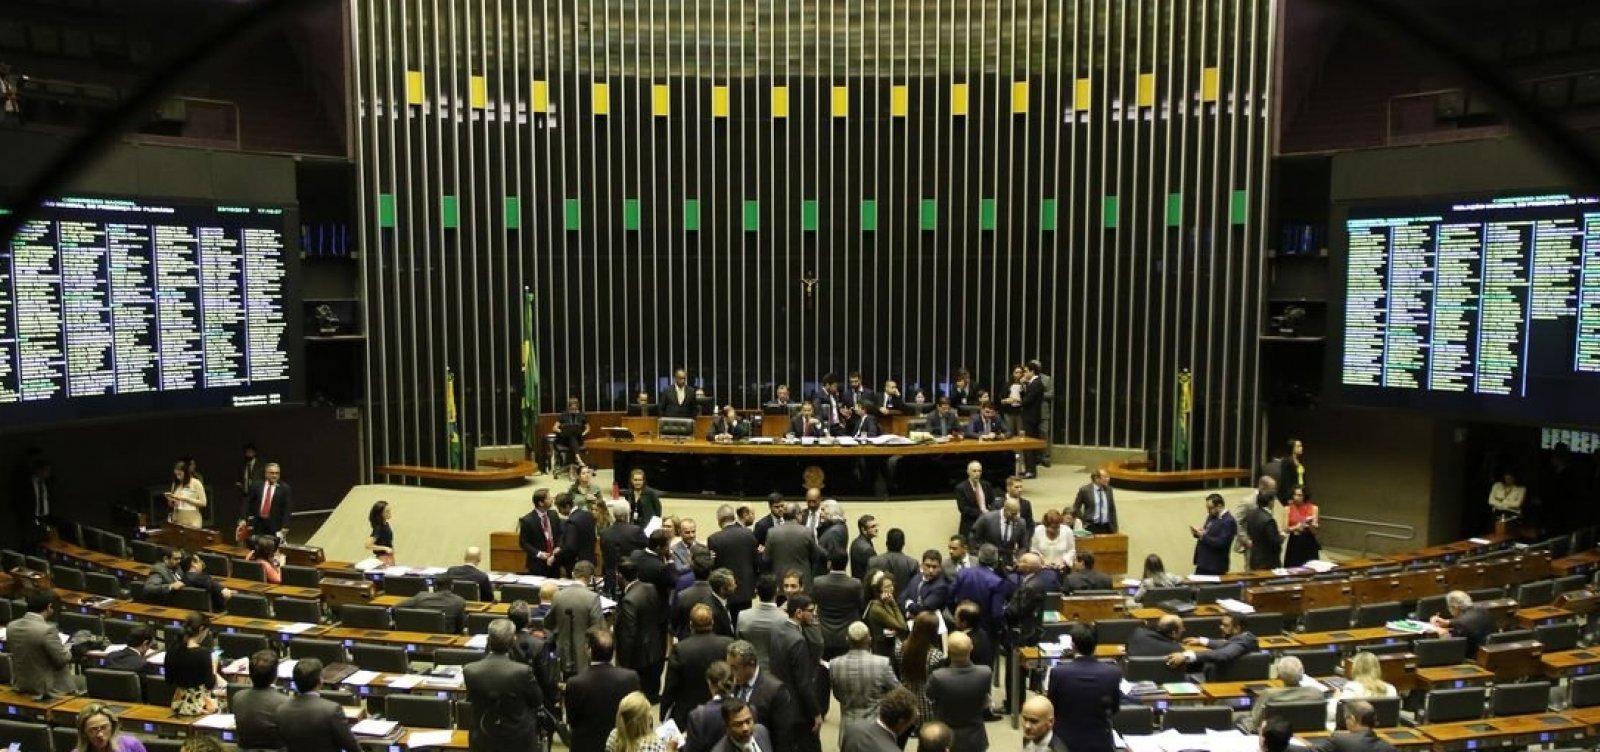 Nova cúpula do Congresso tem mais da metade dos parlamentares investigados